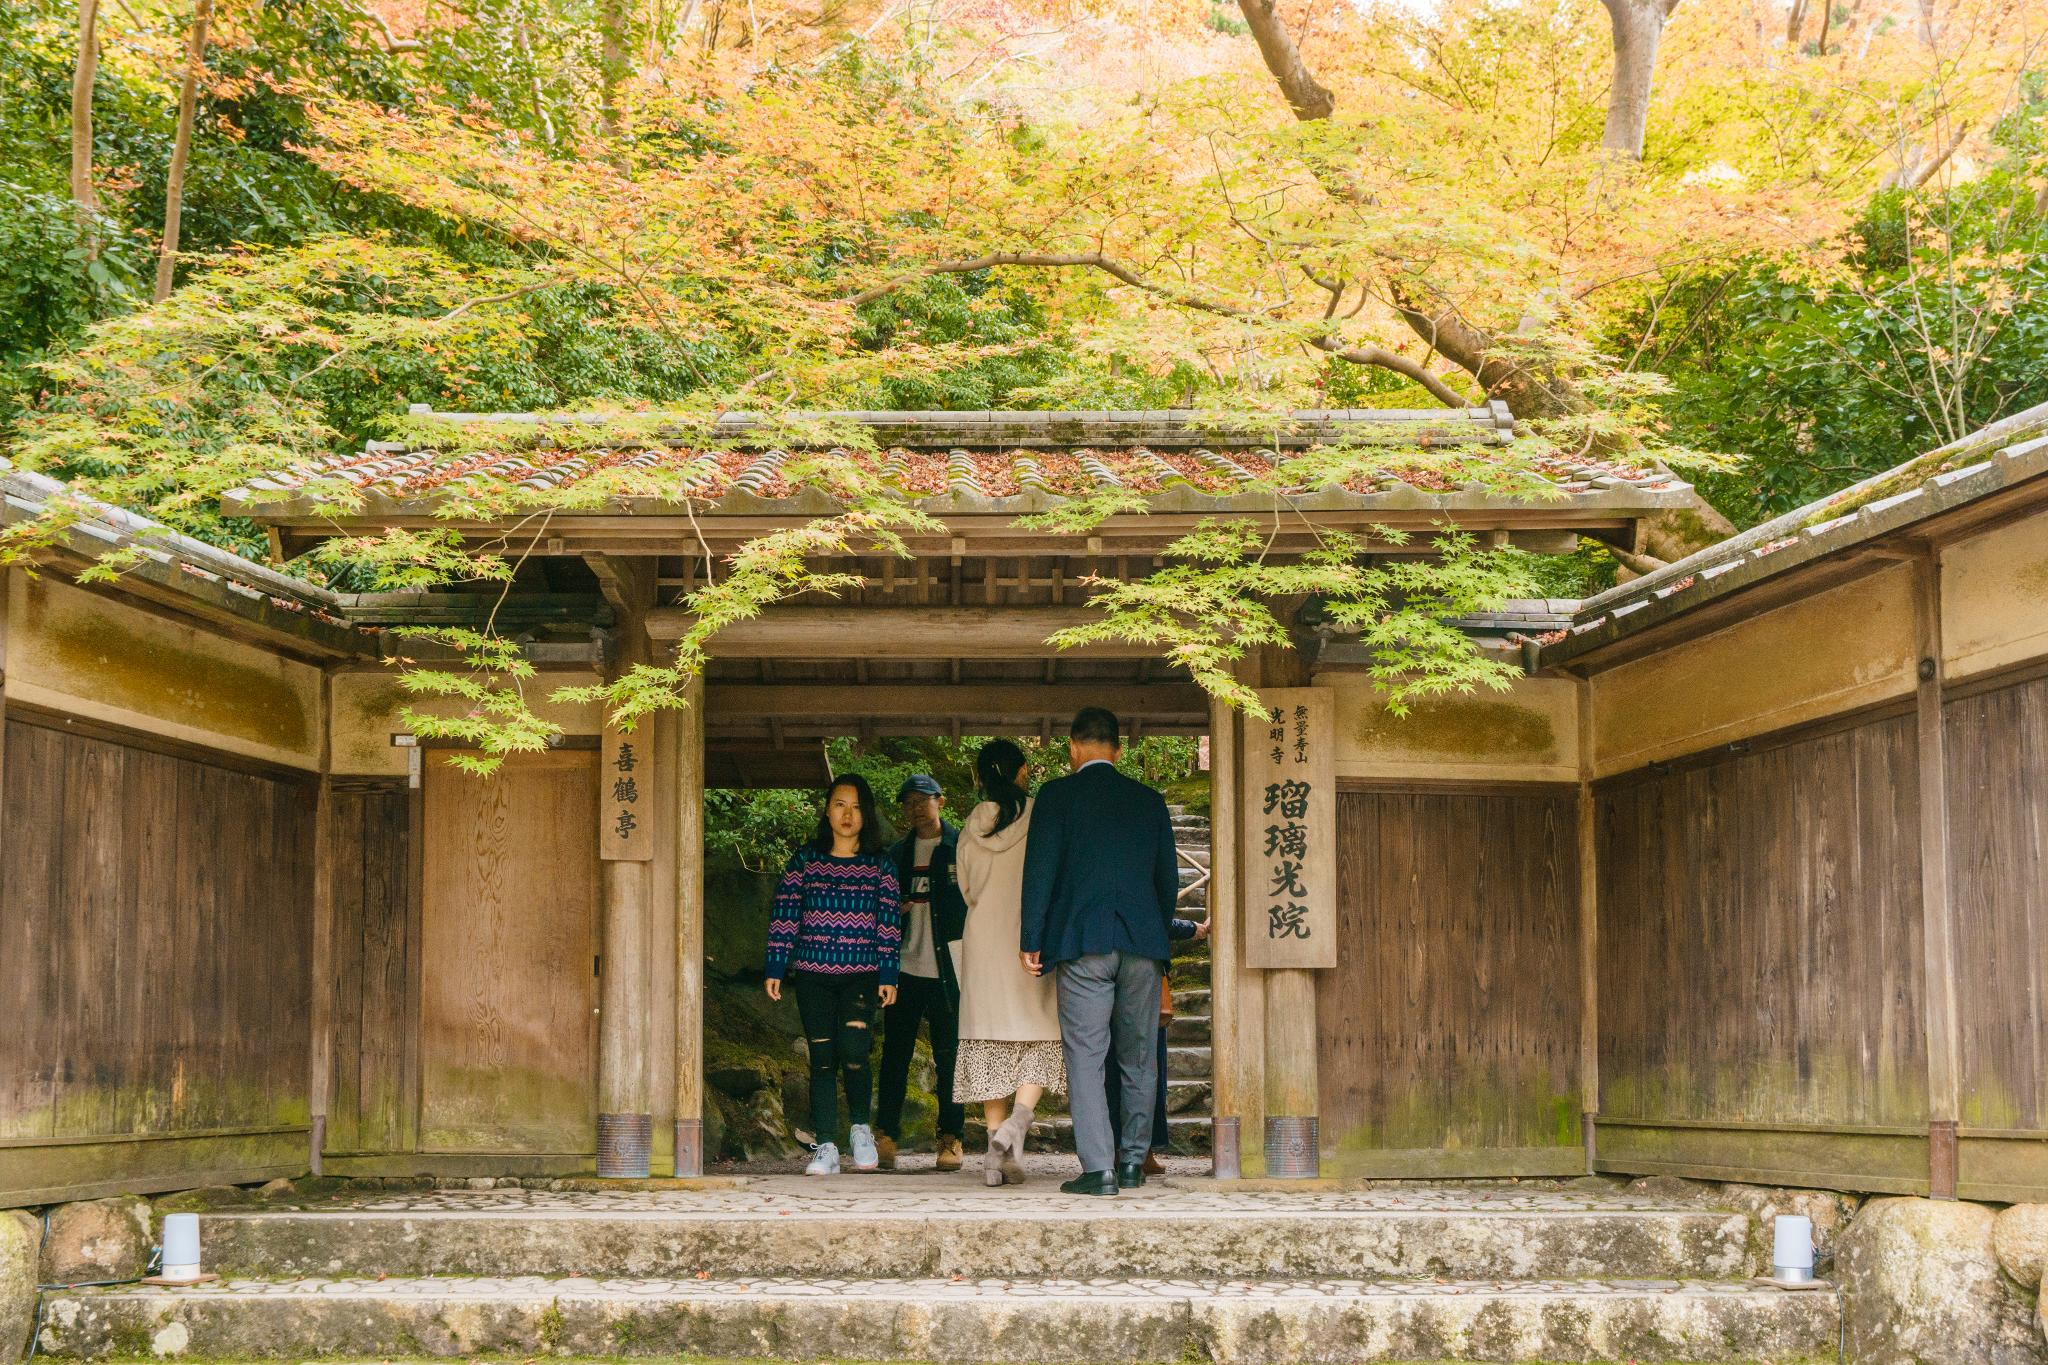 【京都】如夢似幻的琉璃光影 - 八瀨琉璃光院 78